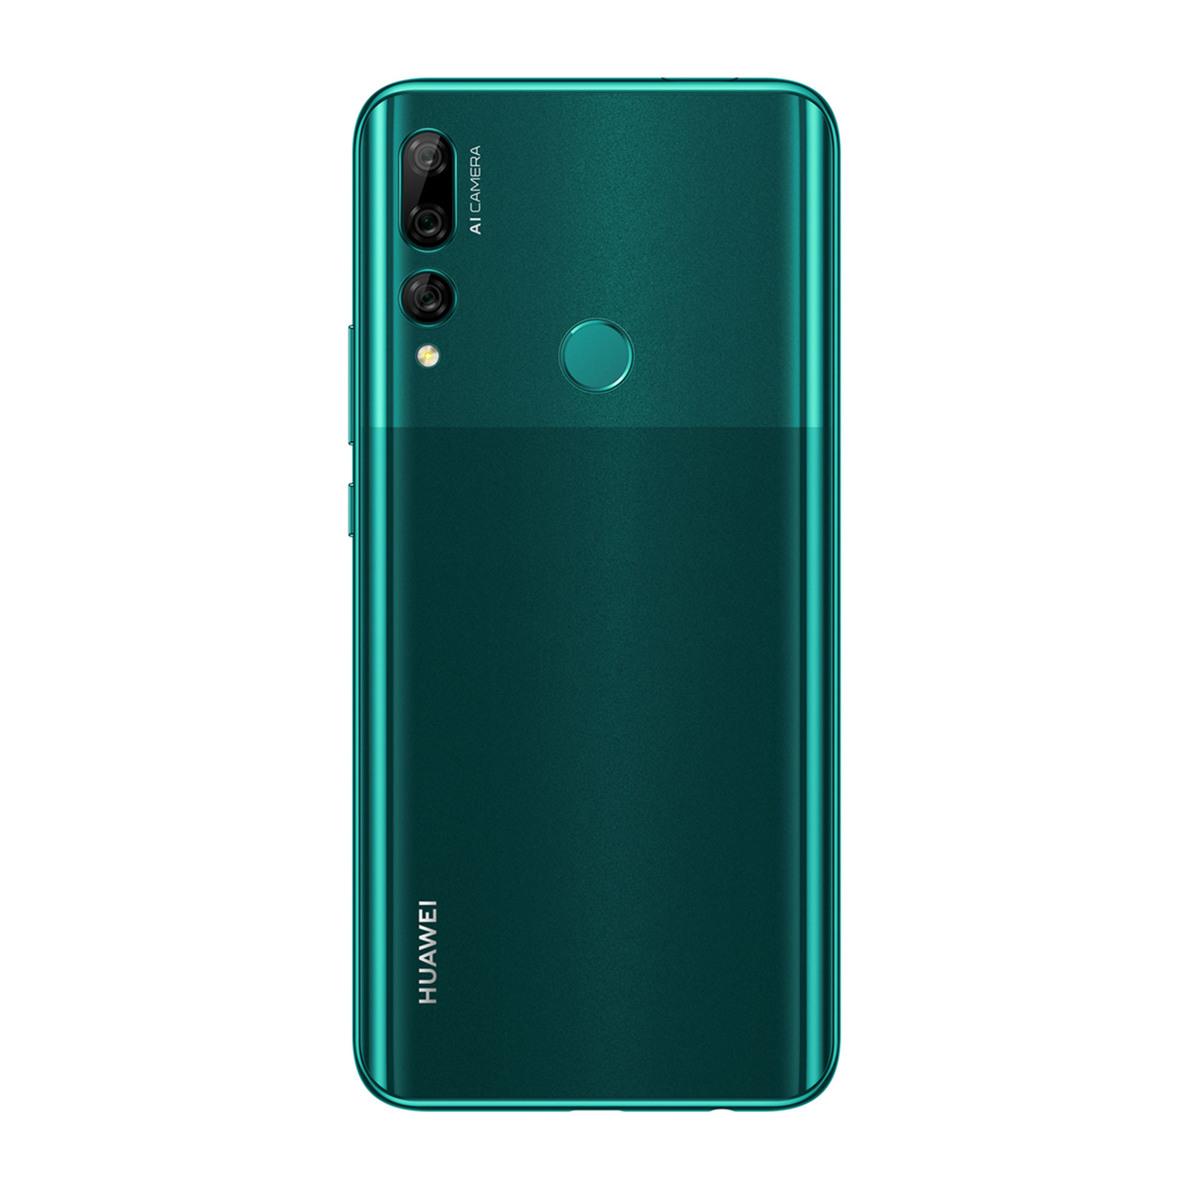 Buy Huawei Y9 Prime (2019) 128GB Emerald Green - Smart Phones - Lulu